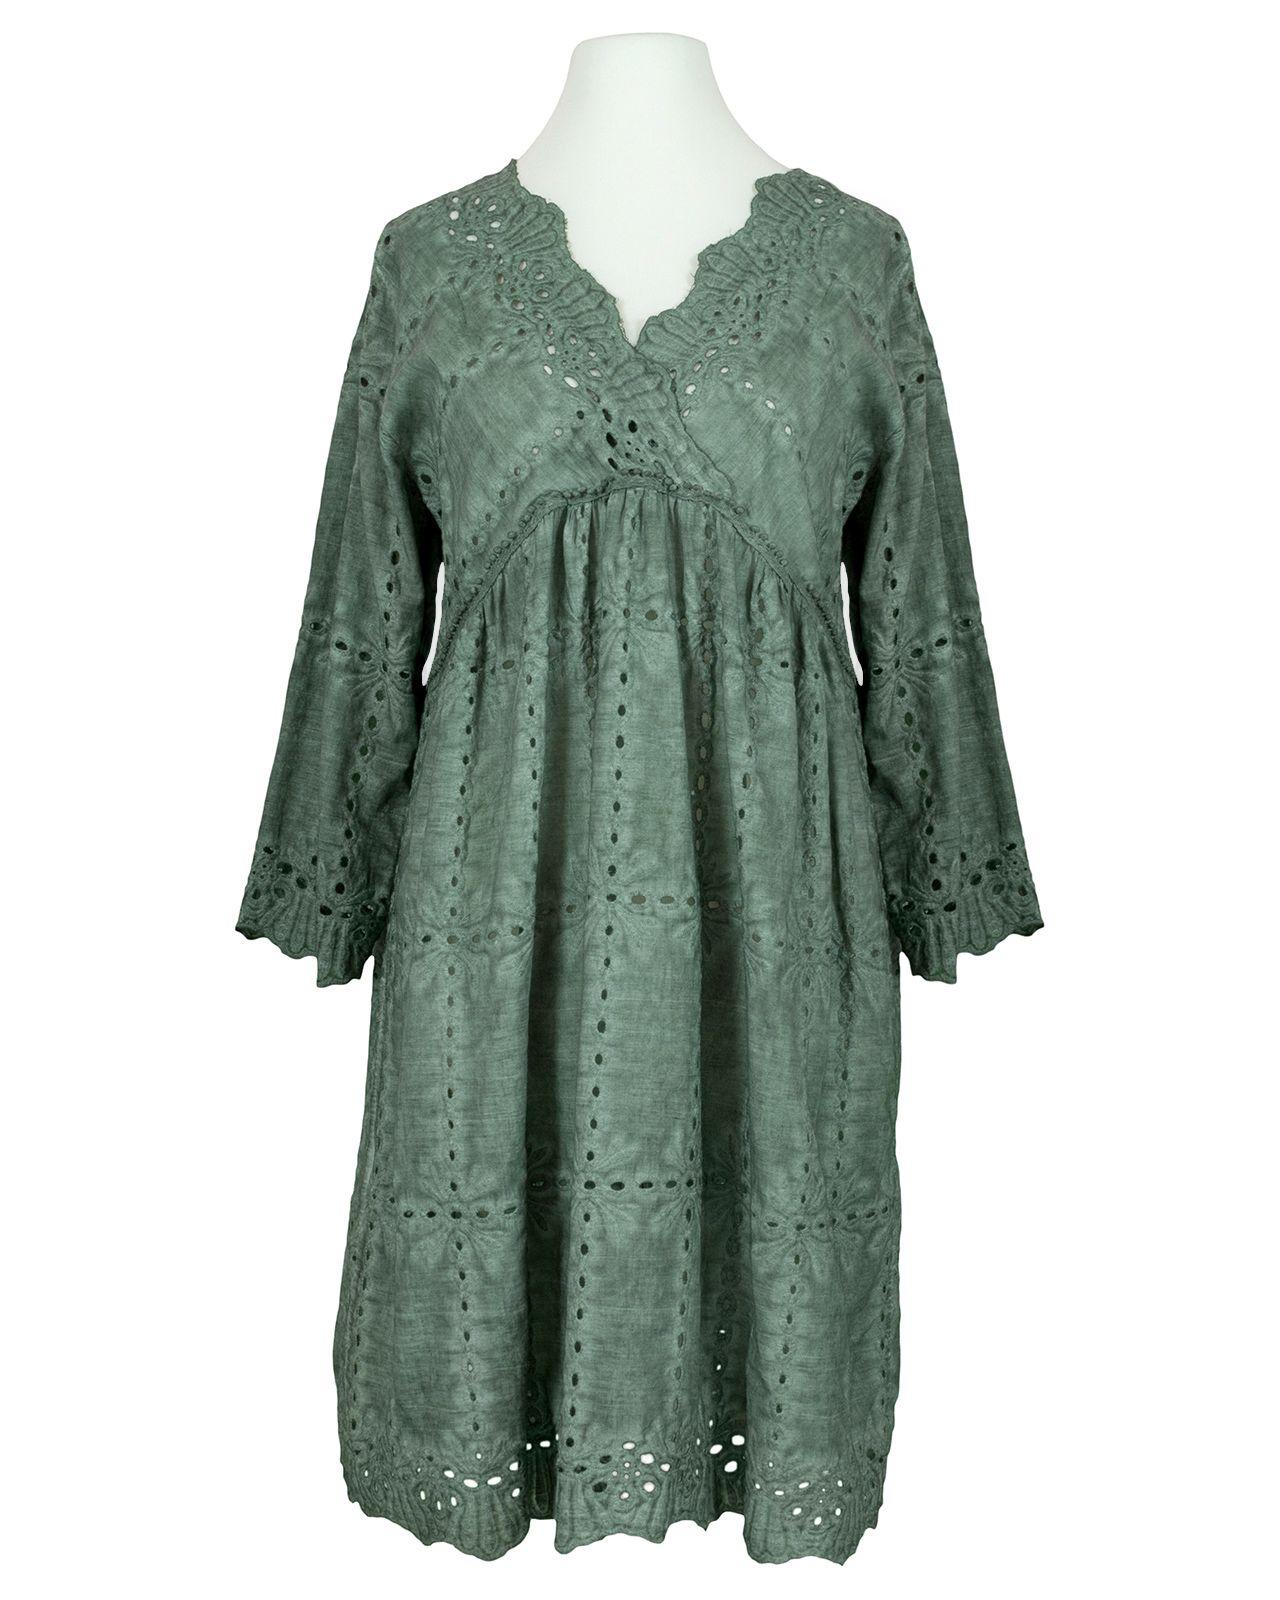 Kleid Blau Lochstickerei - Mode Gehen